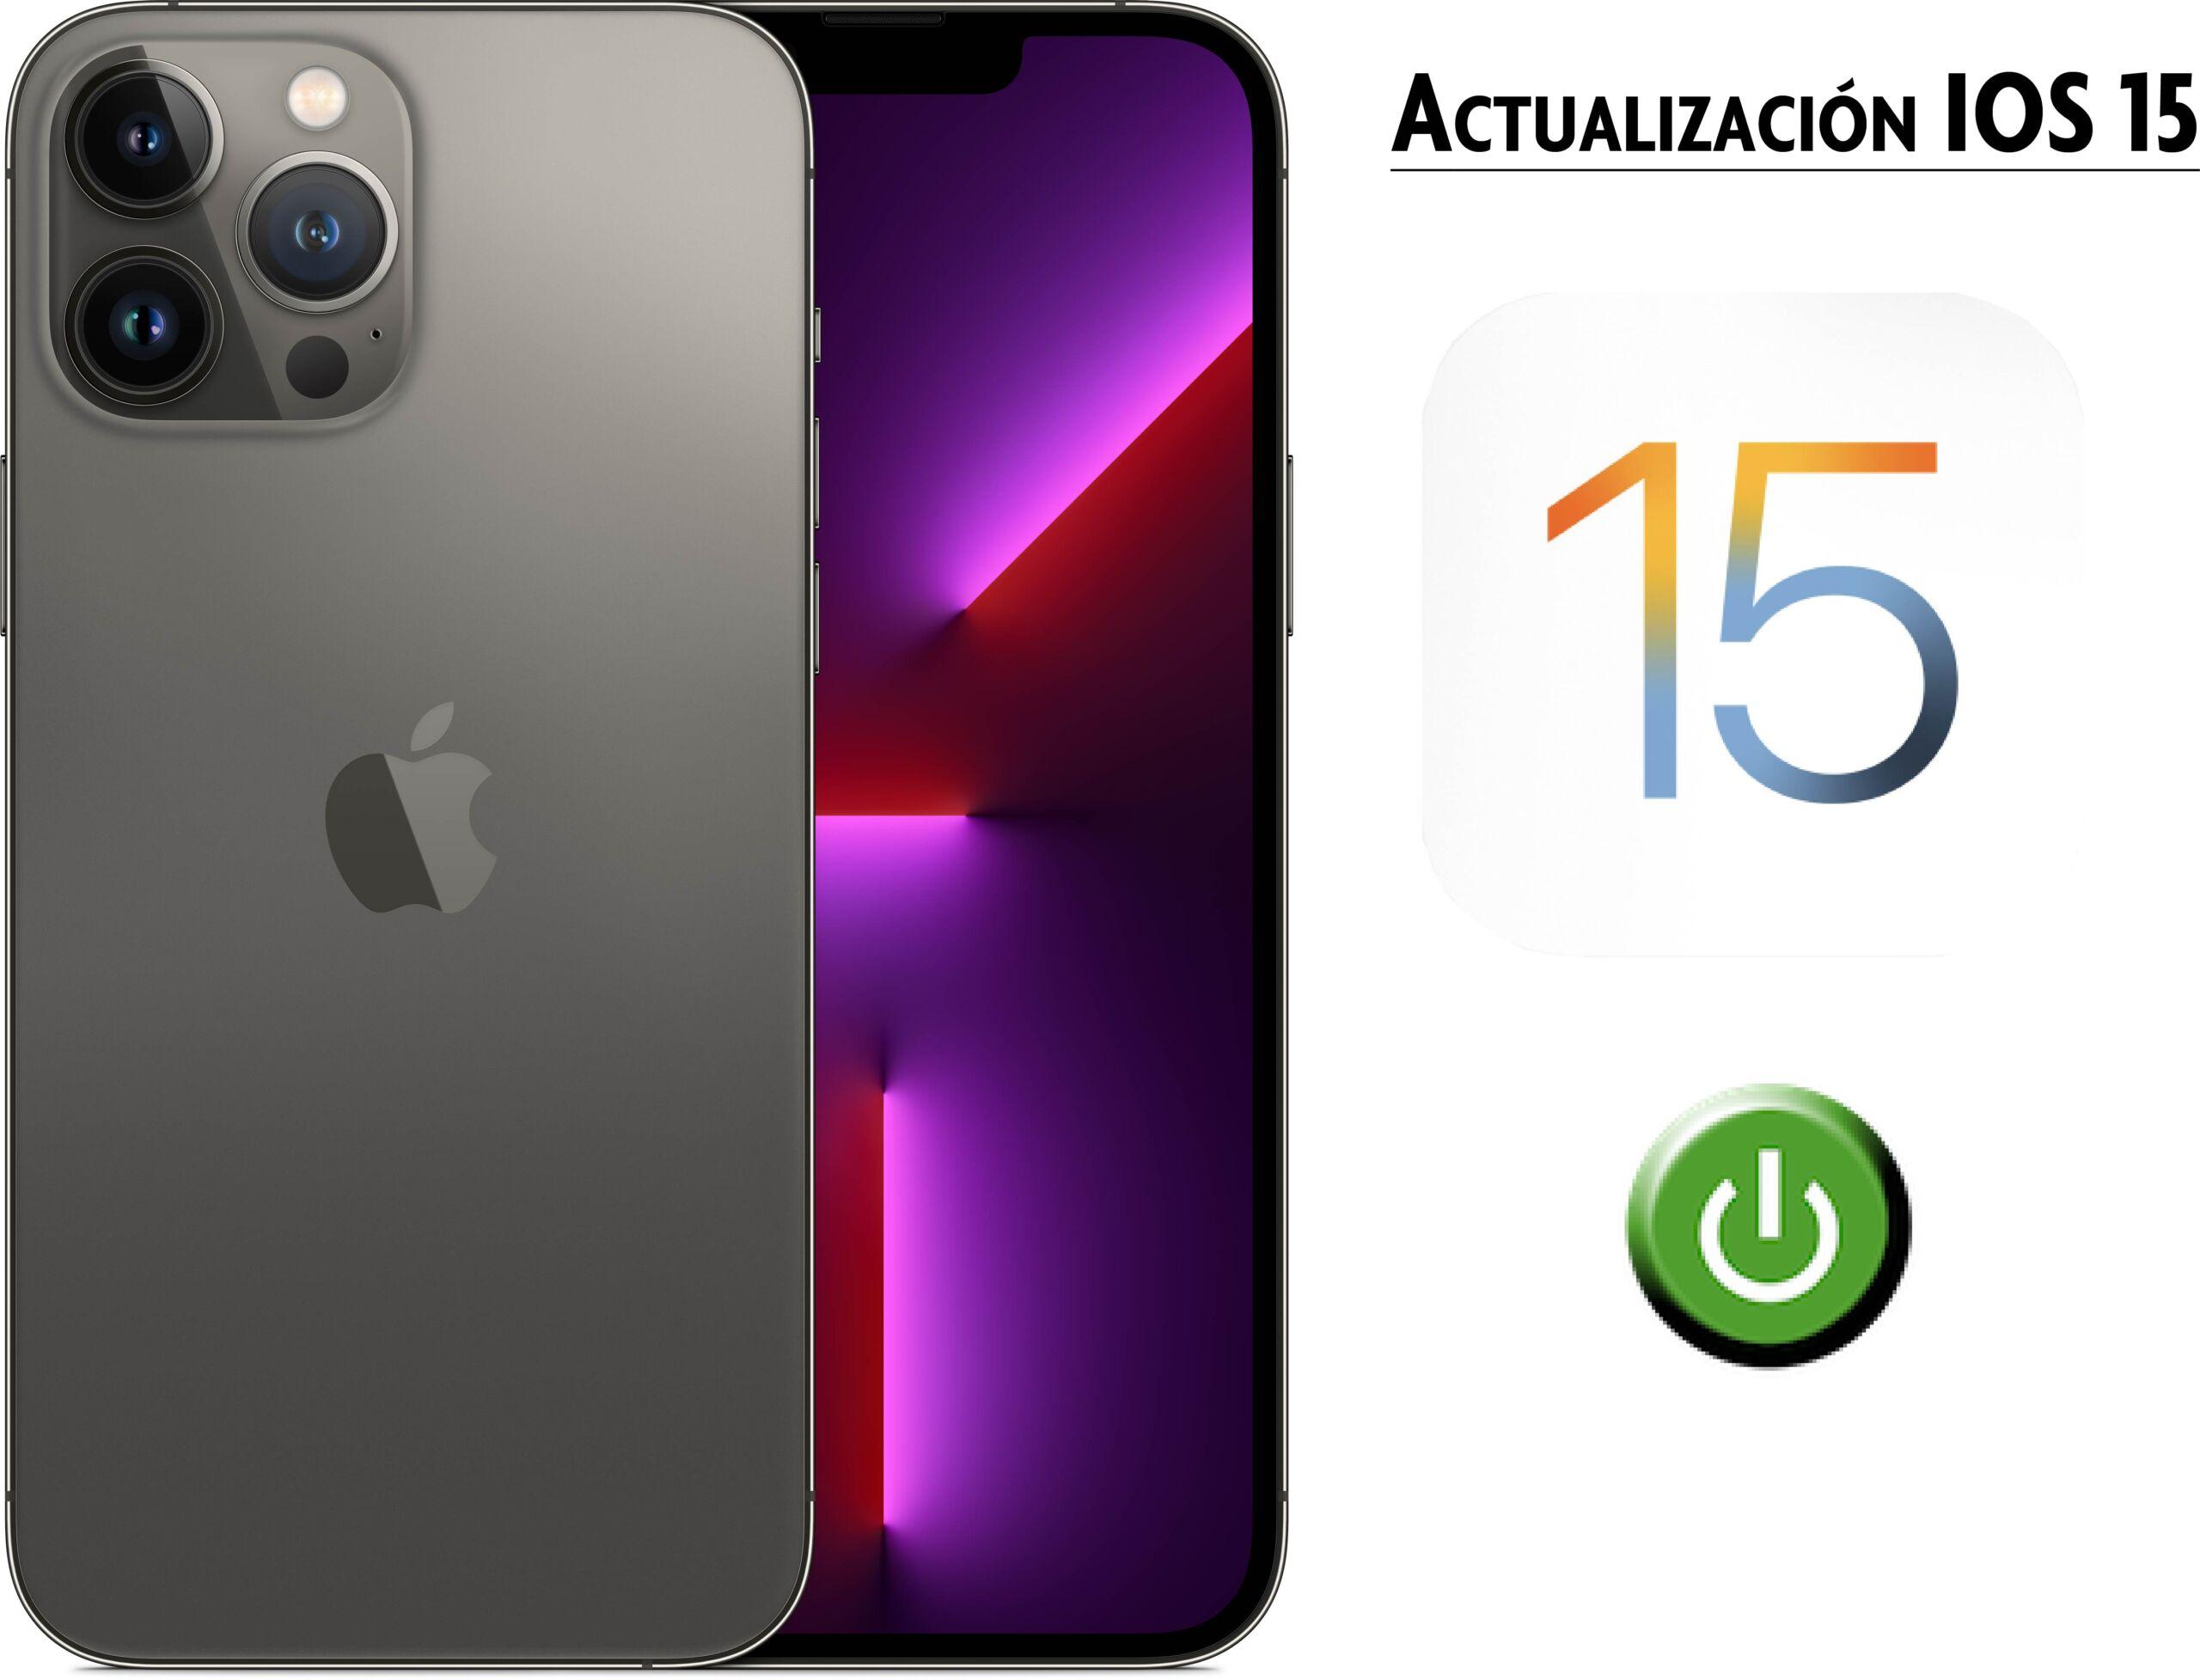 Actualización IOS 15